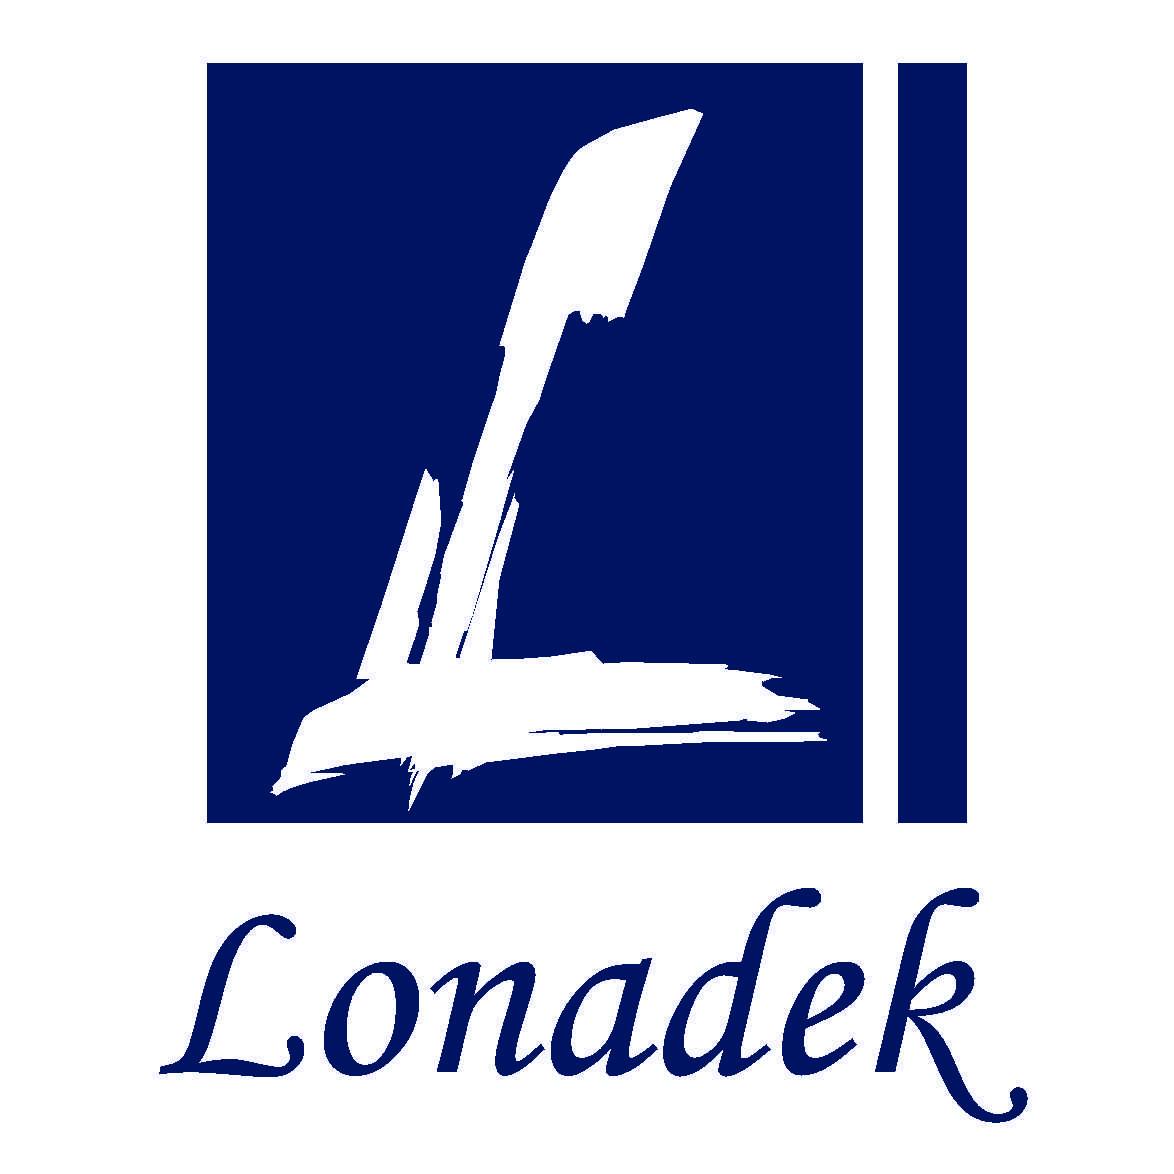 Lonadek